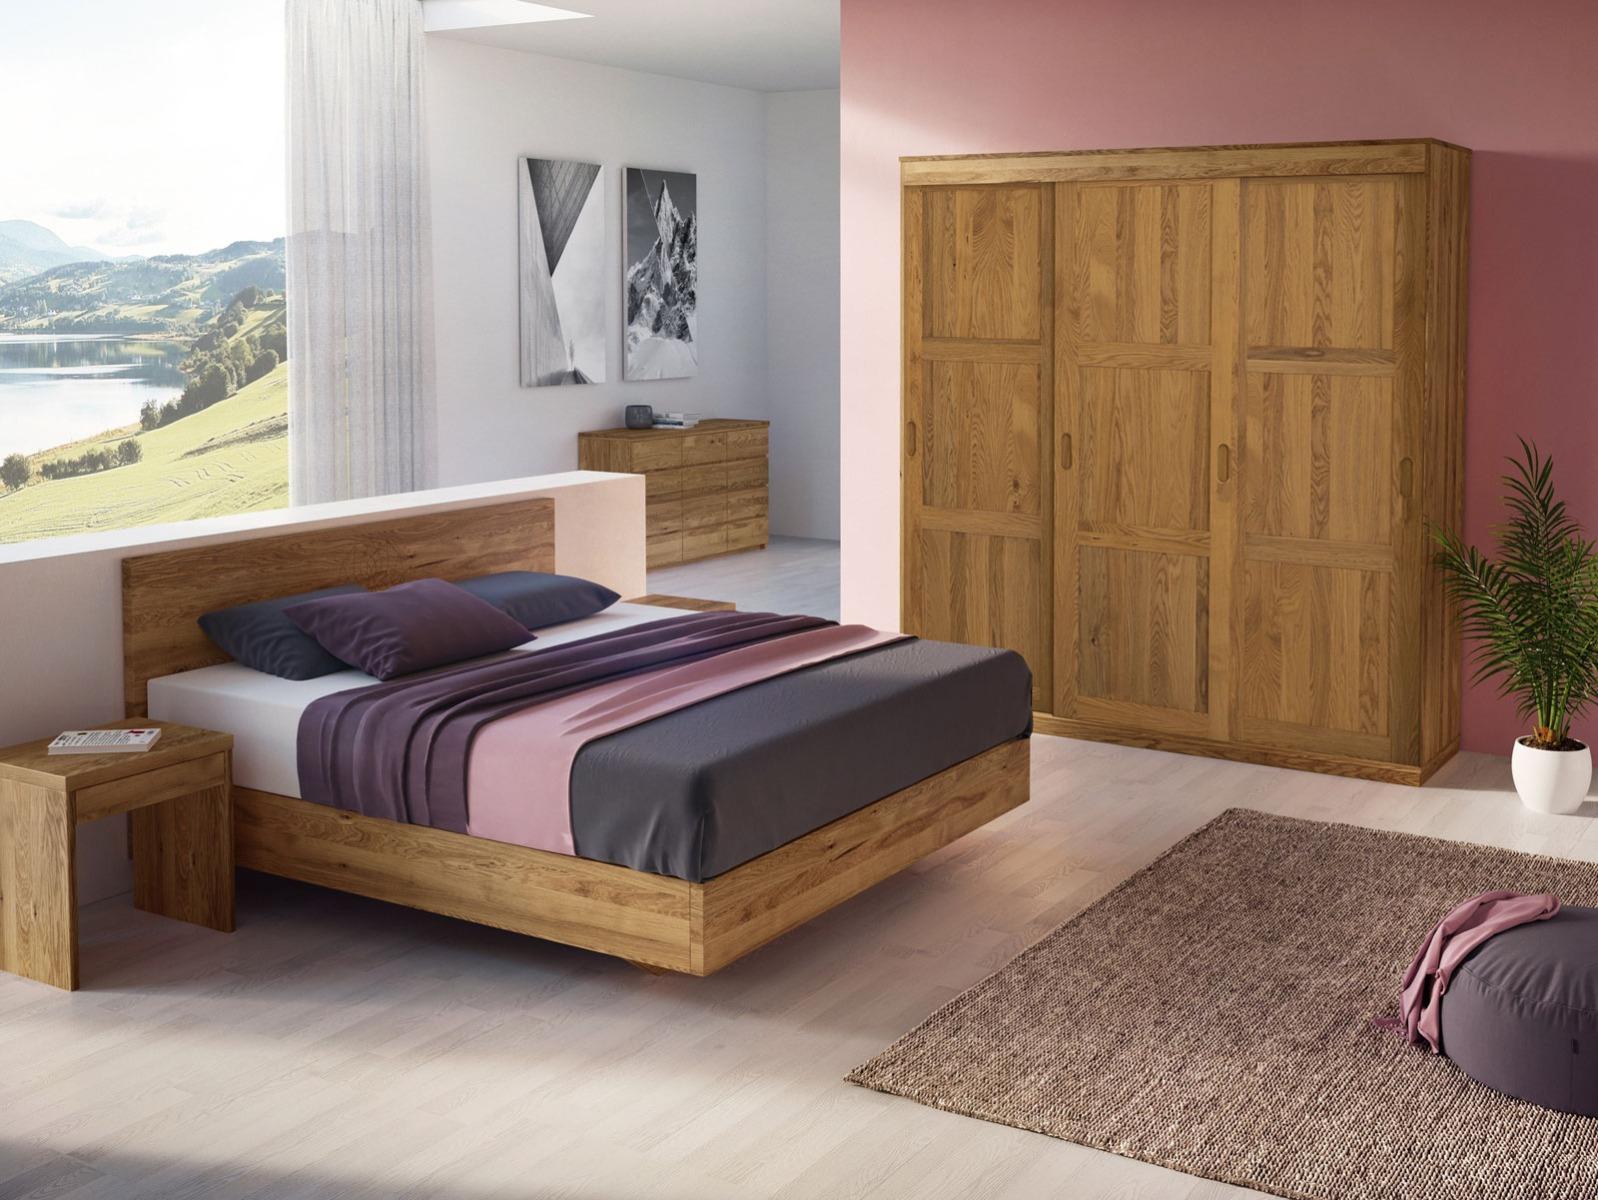 Schlafzimmer mit Schiebetürschrank in Eiche